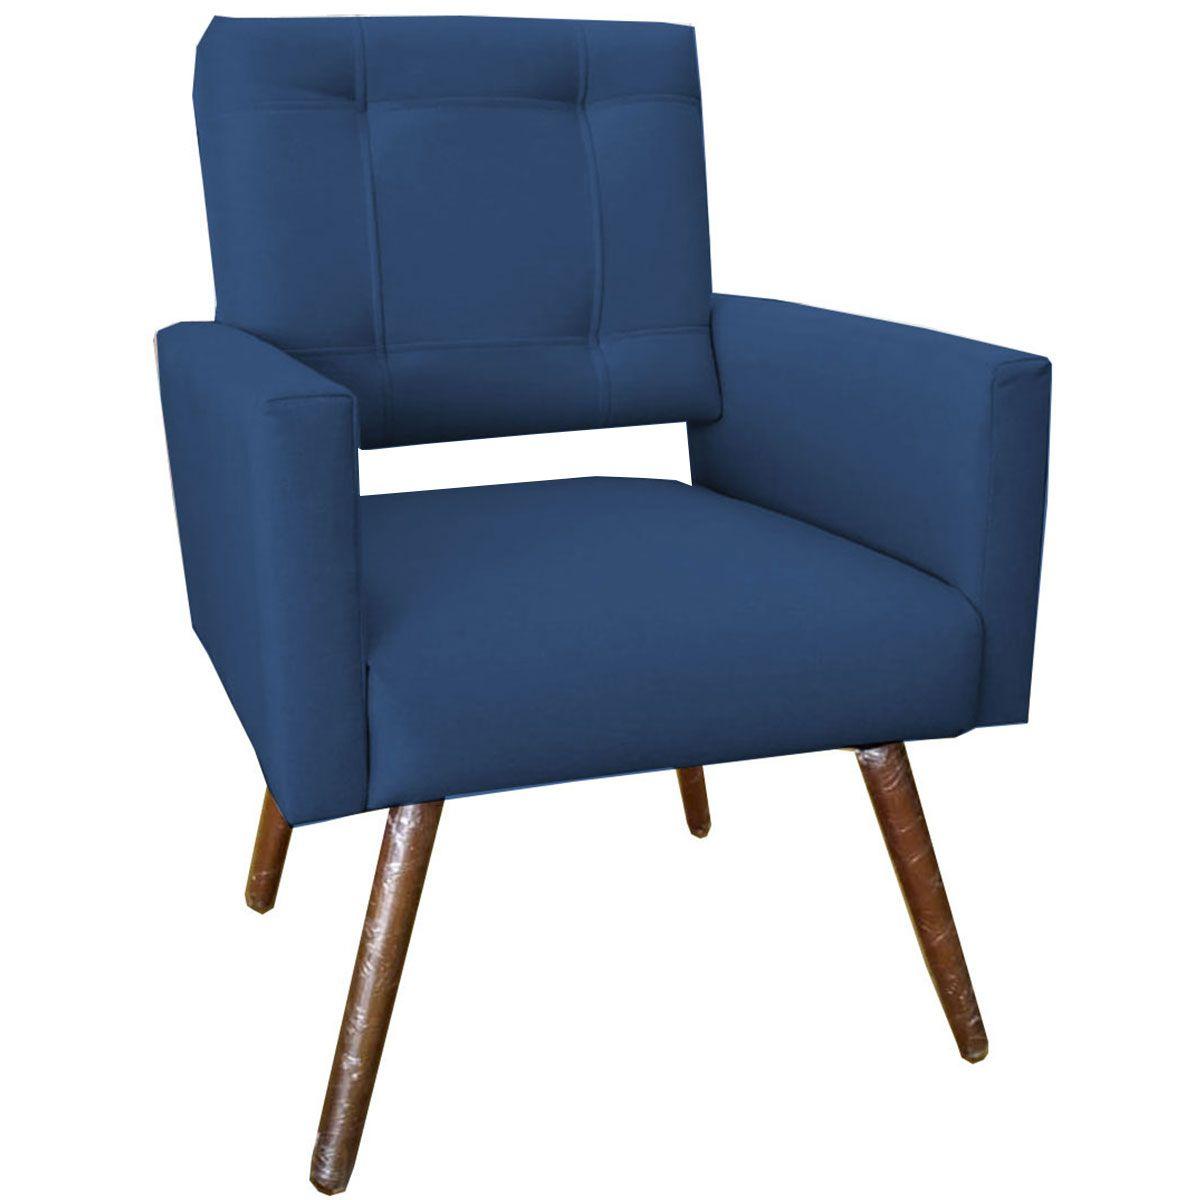 Poltrona Decorativa Isabela Pé Palito Tecido Azul Marinho